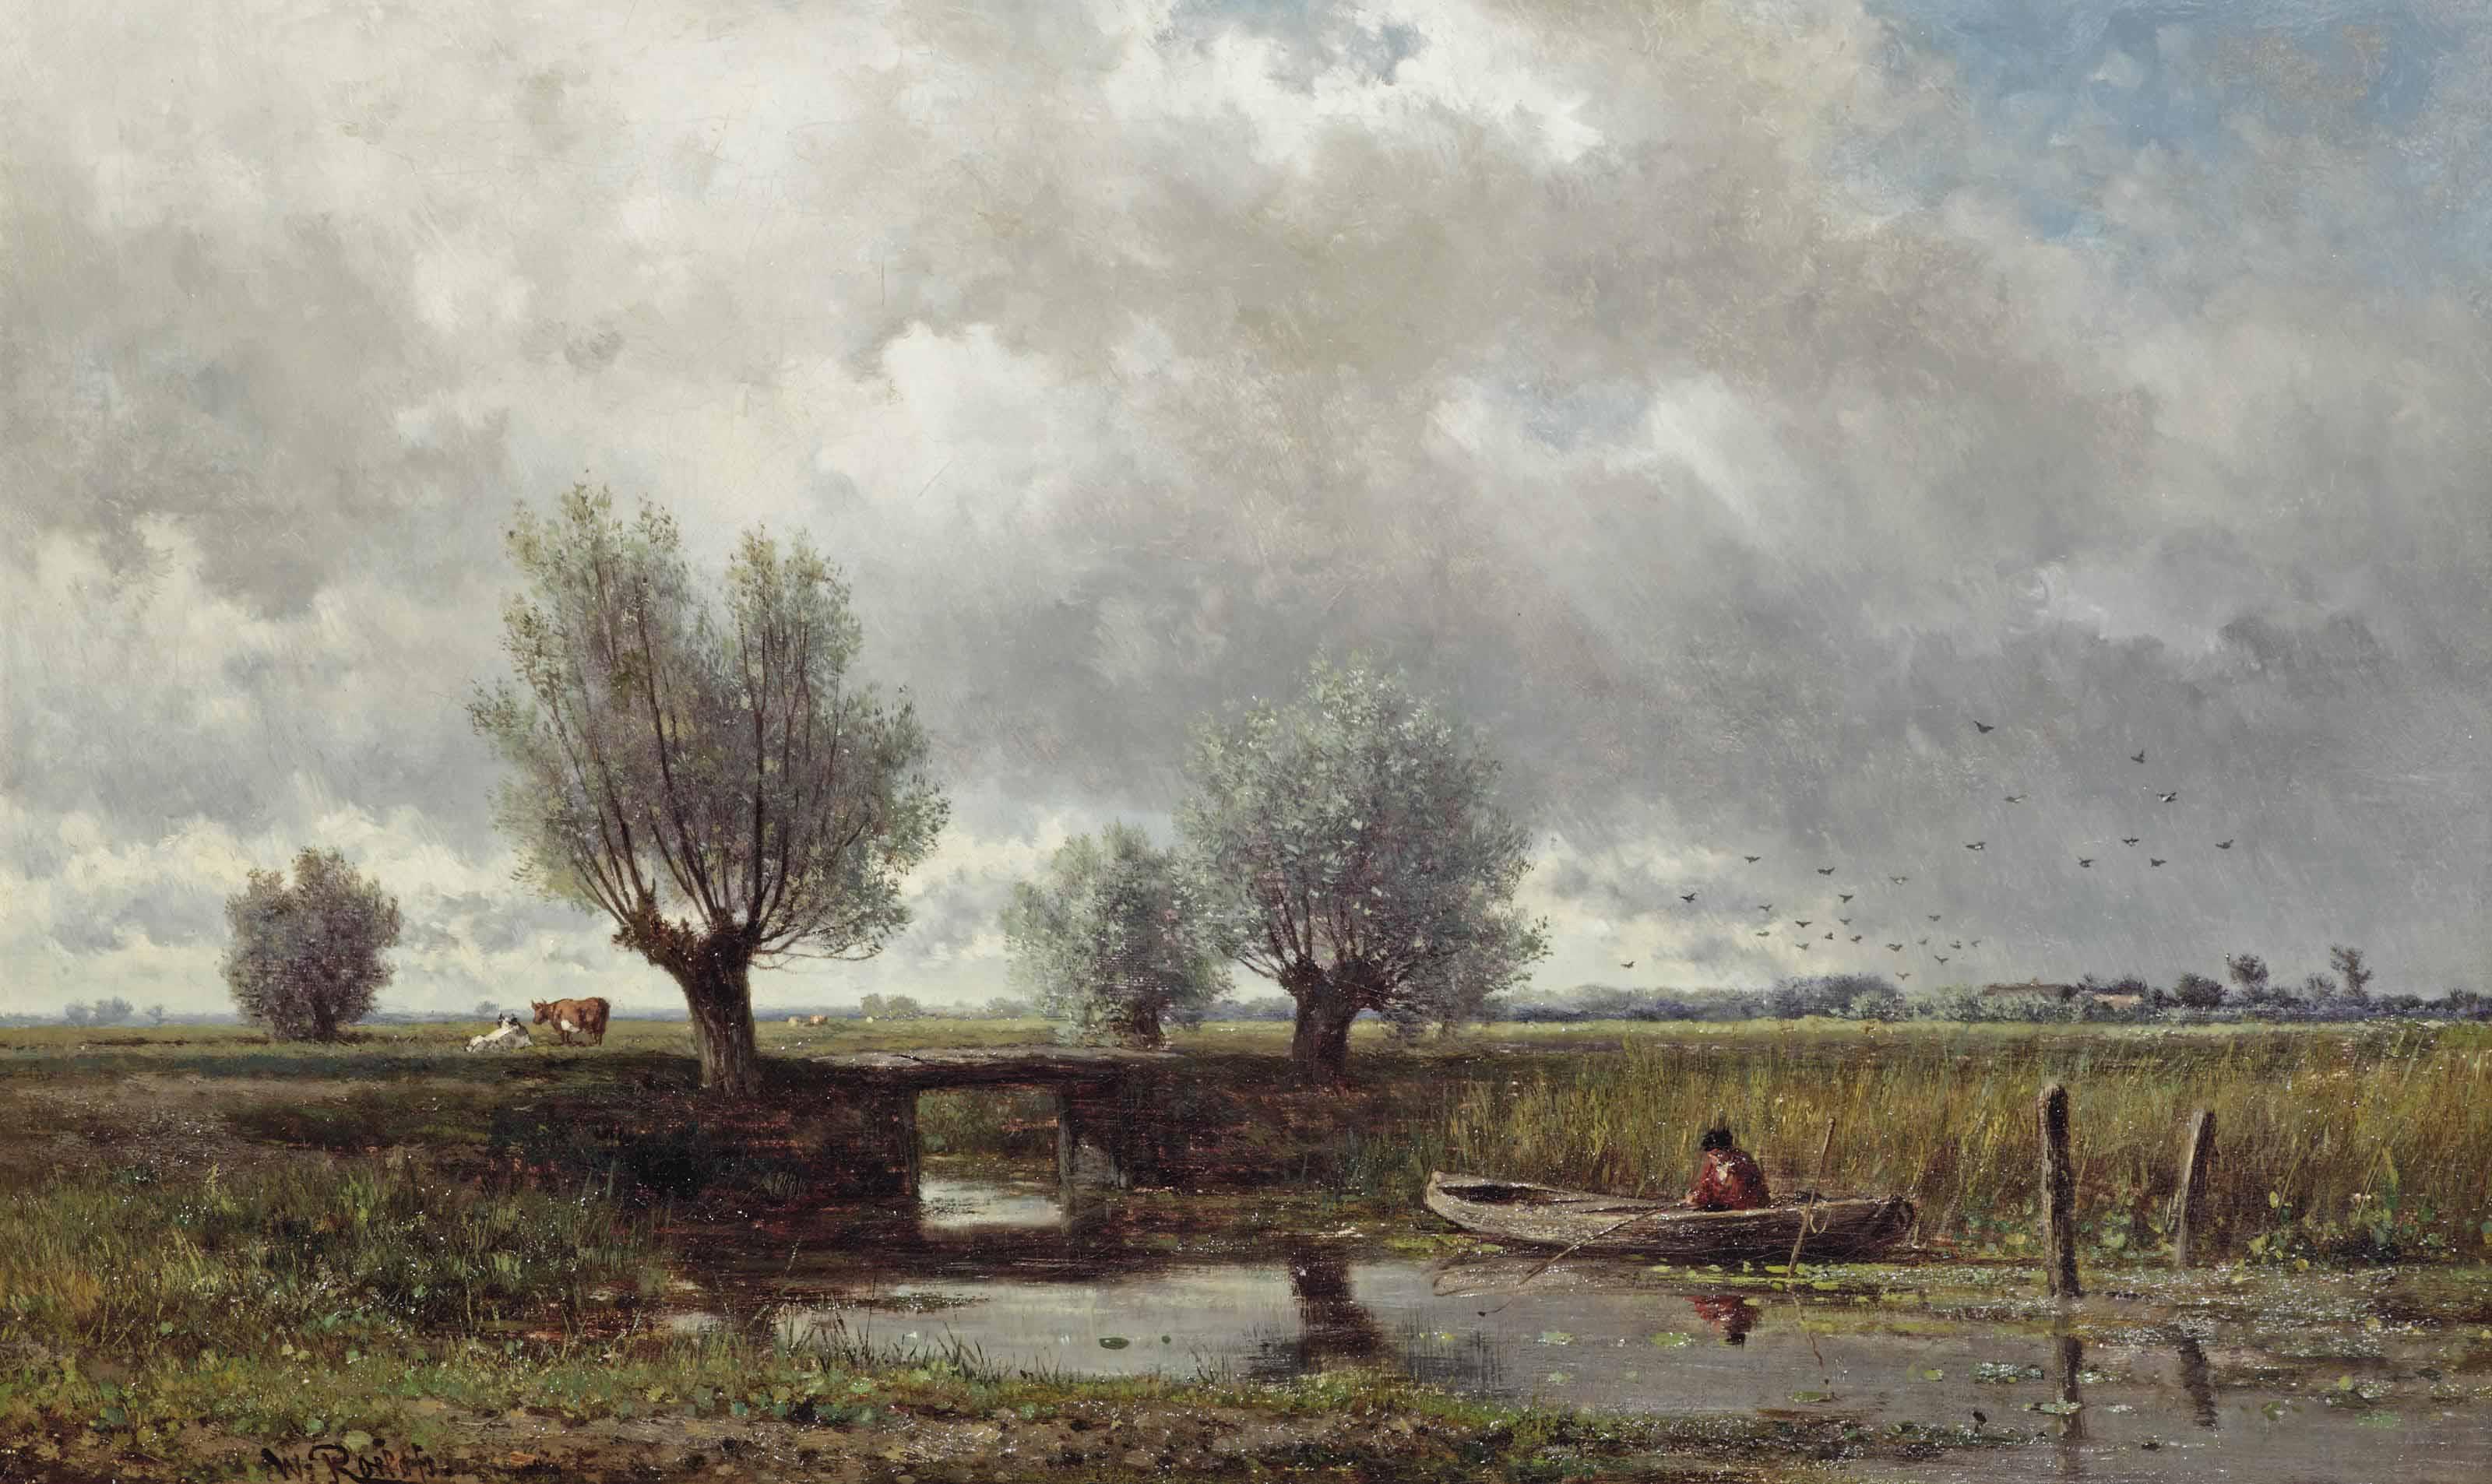 Na de regen: A fisherman in a polder landscape